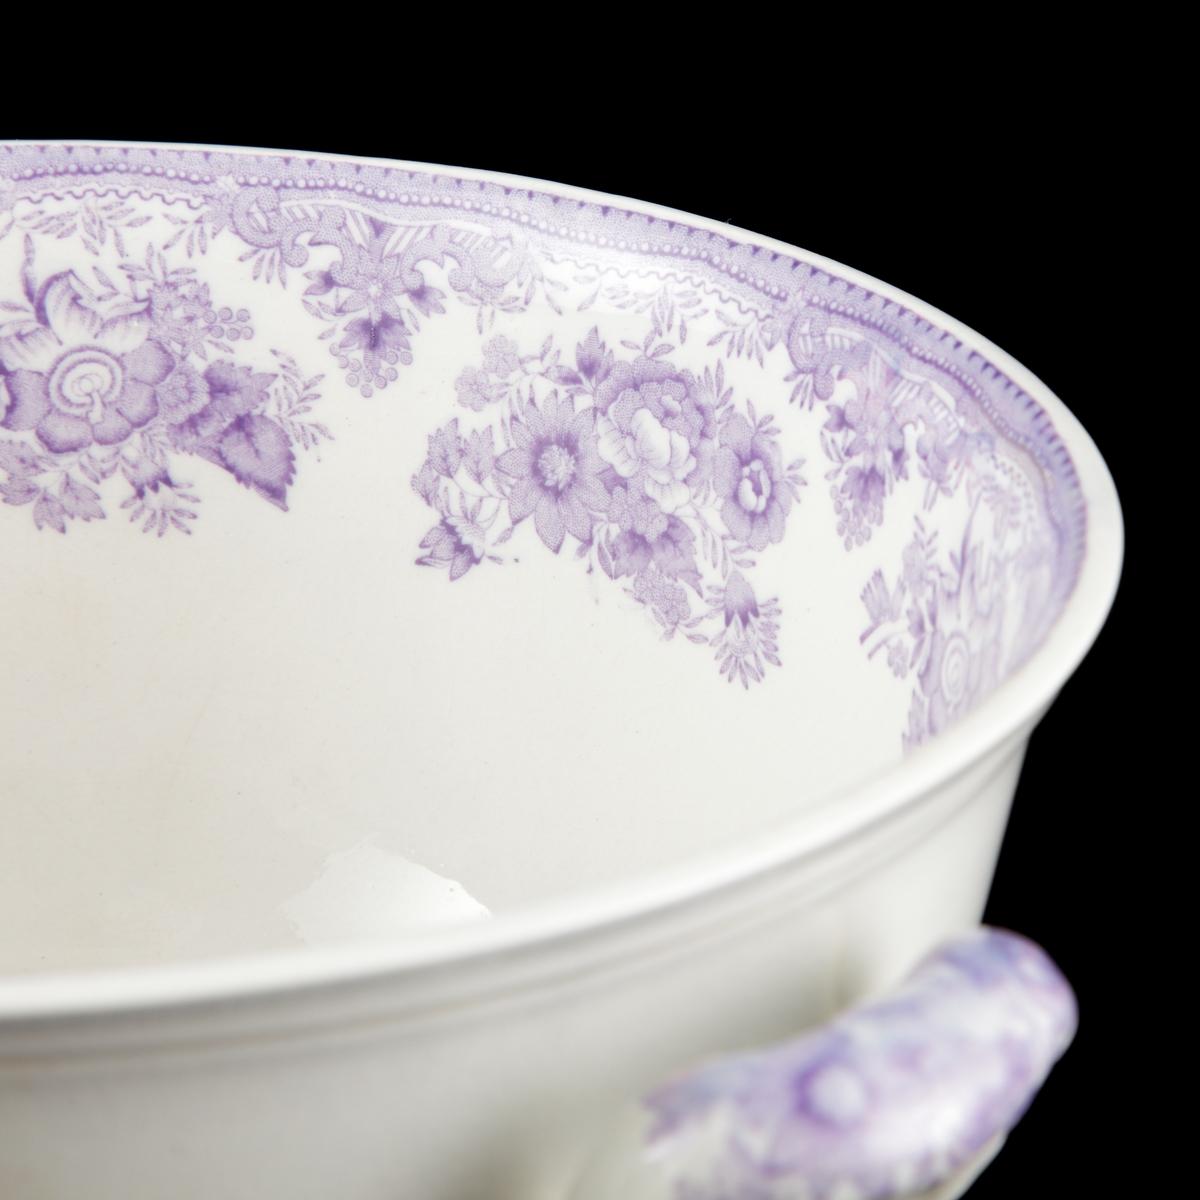 Rund skål med två öron och låg, konisk, insvängd fot. Locket välvt med svagt klockformig profil, bredare än skålens mynning, knopp i form av blomknopp och hål för soppslev. Dekor i ljust violett, blommönster och fasaner.